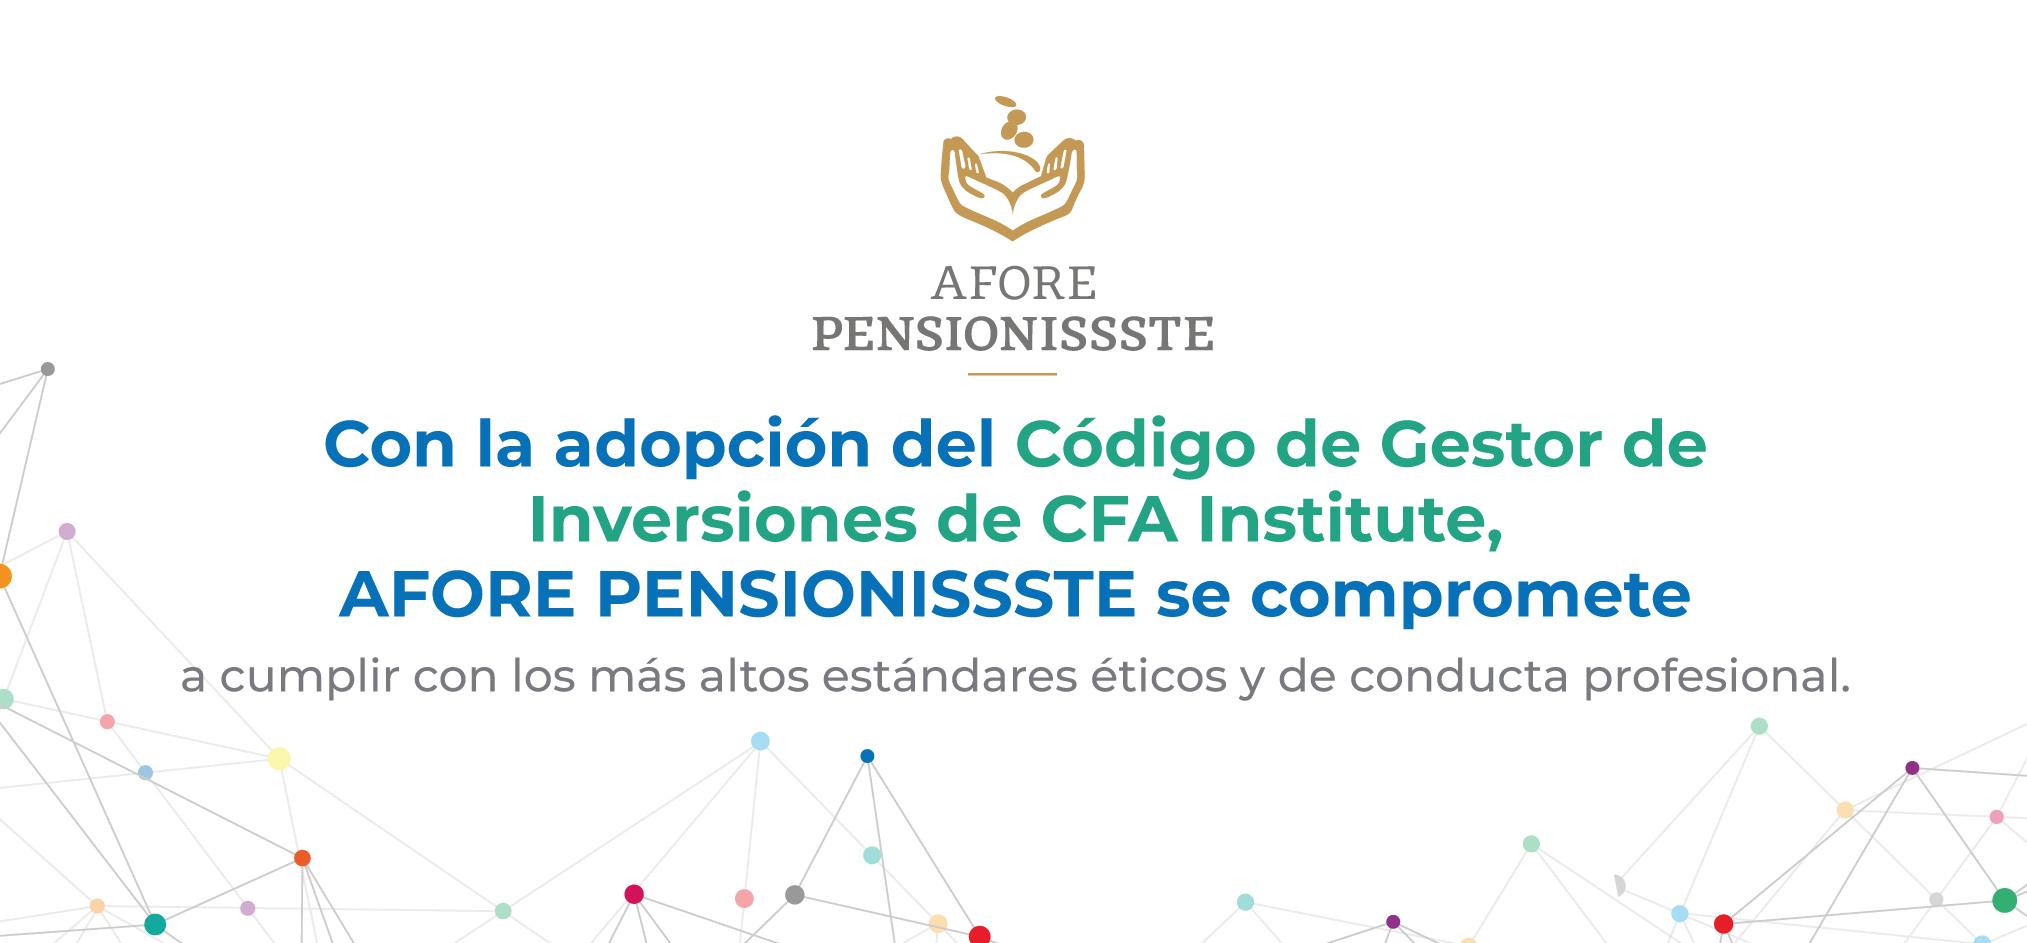 Blog: AFORE PENSIONISSSTE adopta el Código de Inversiones de la CFA Institute.